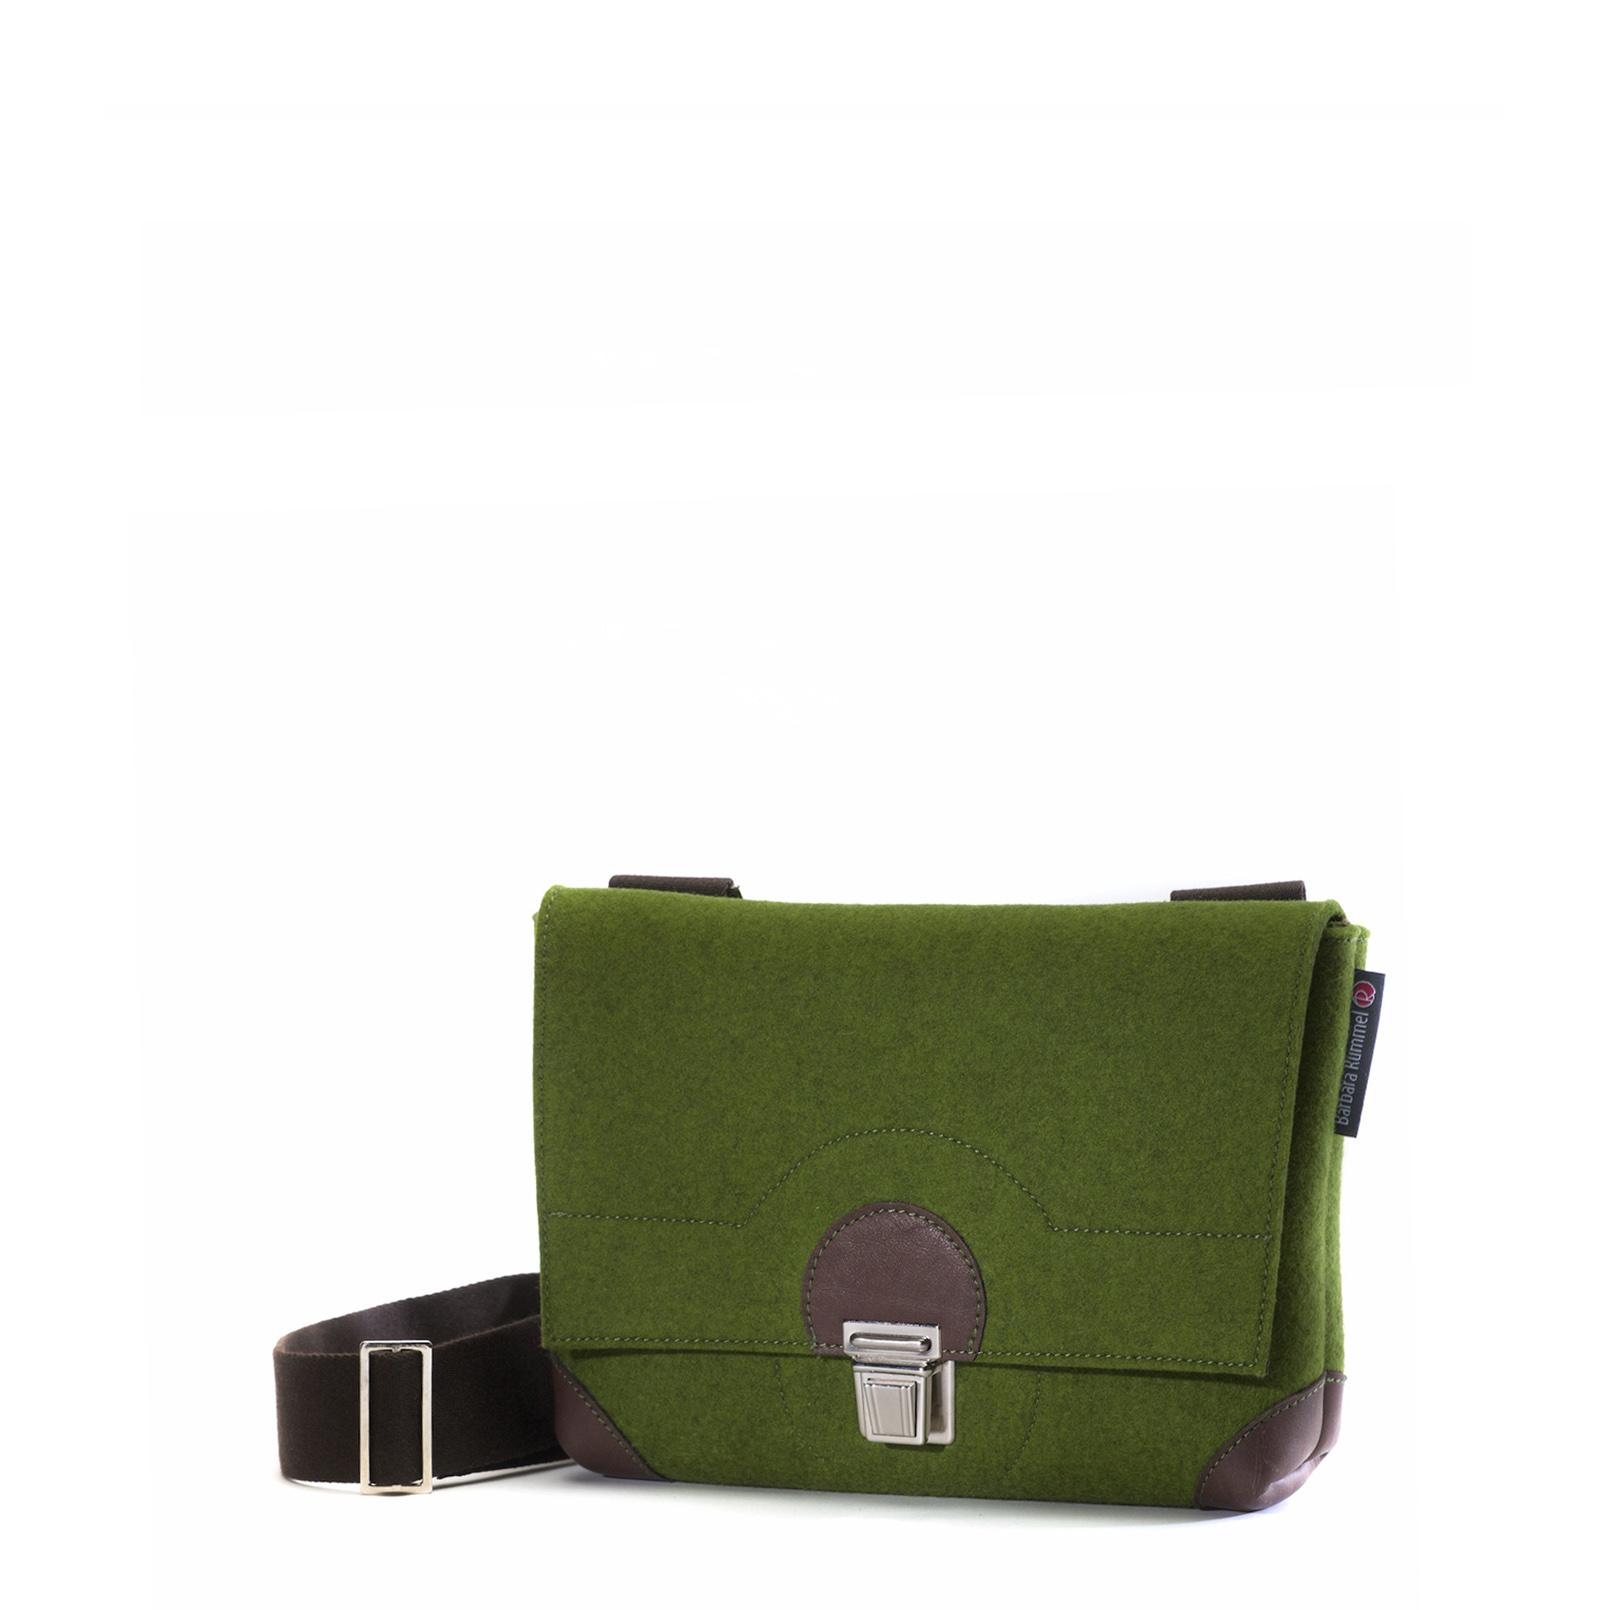 Handtasche kleine Lilly aus Filz in der Farbkombination Grün-Braun